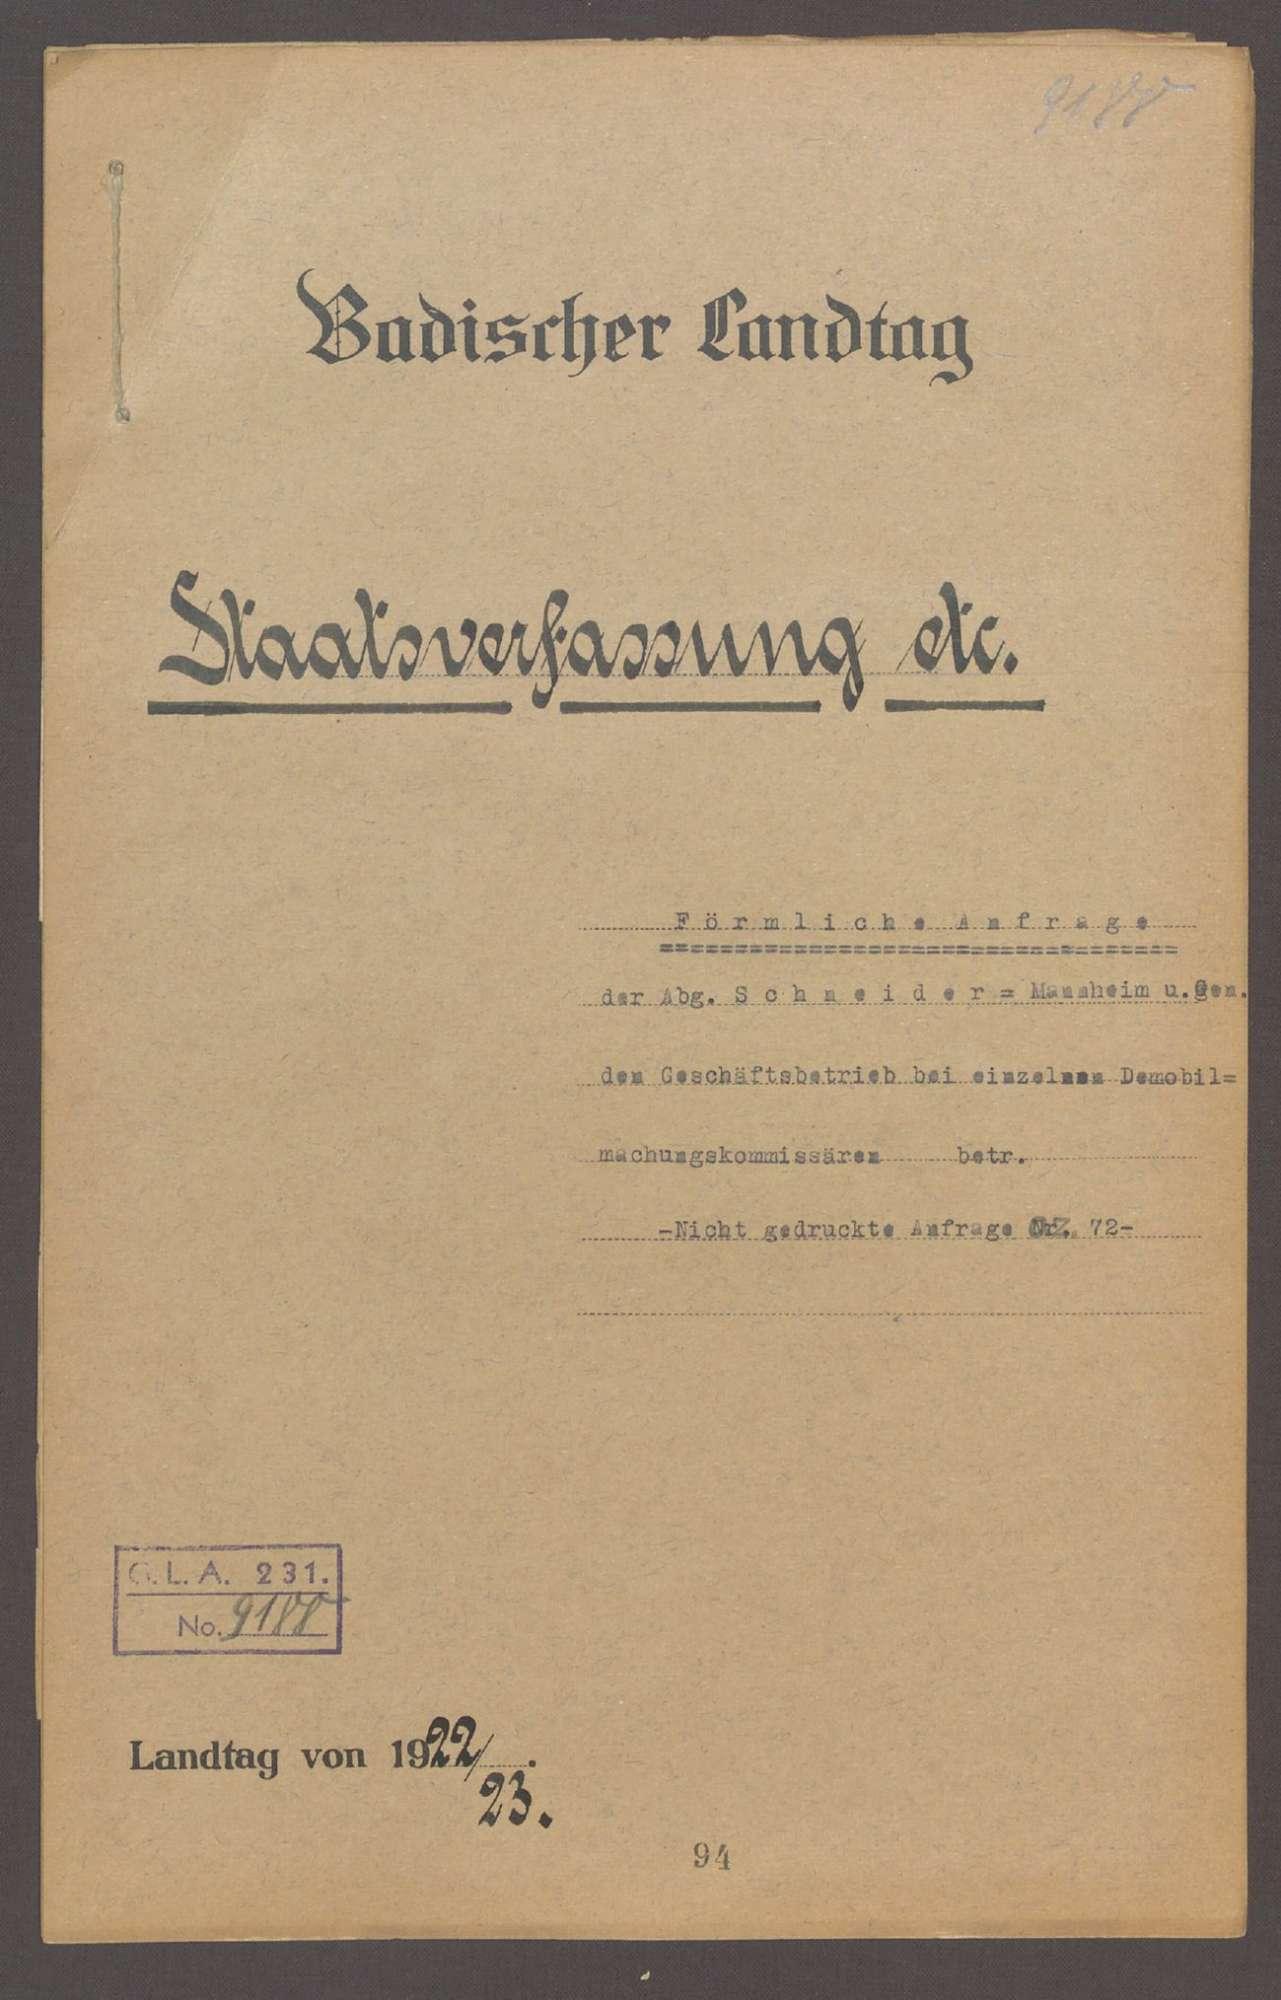 Förmliche Anfrage der Abg. Schneider-Mannheim und Gen., den Geschäftsbetrieb bei einzelnen Demobilmachungskommisären betr., Bild 1